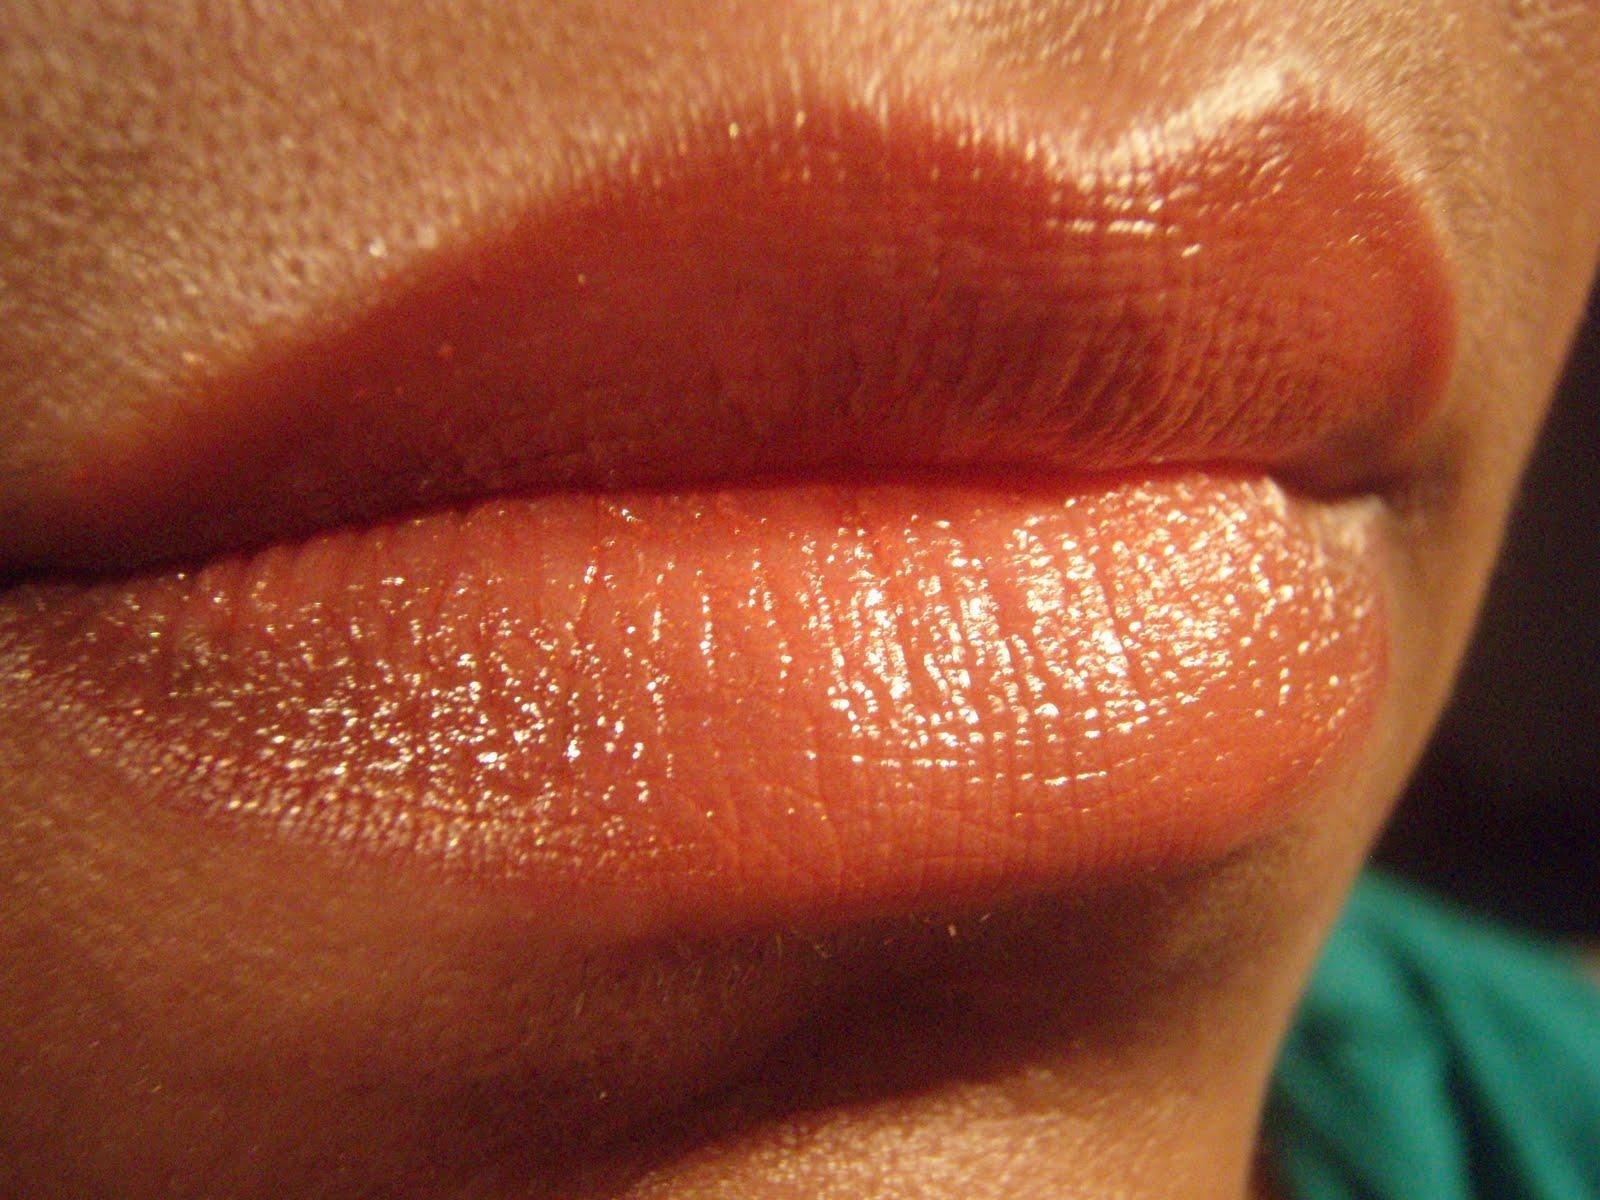 Natural Lighting Vs Fluorescent On Skin